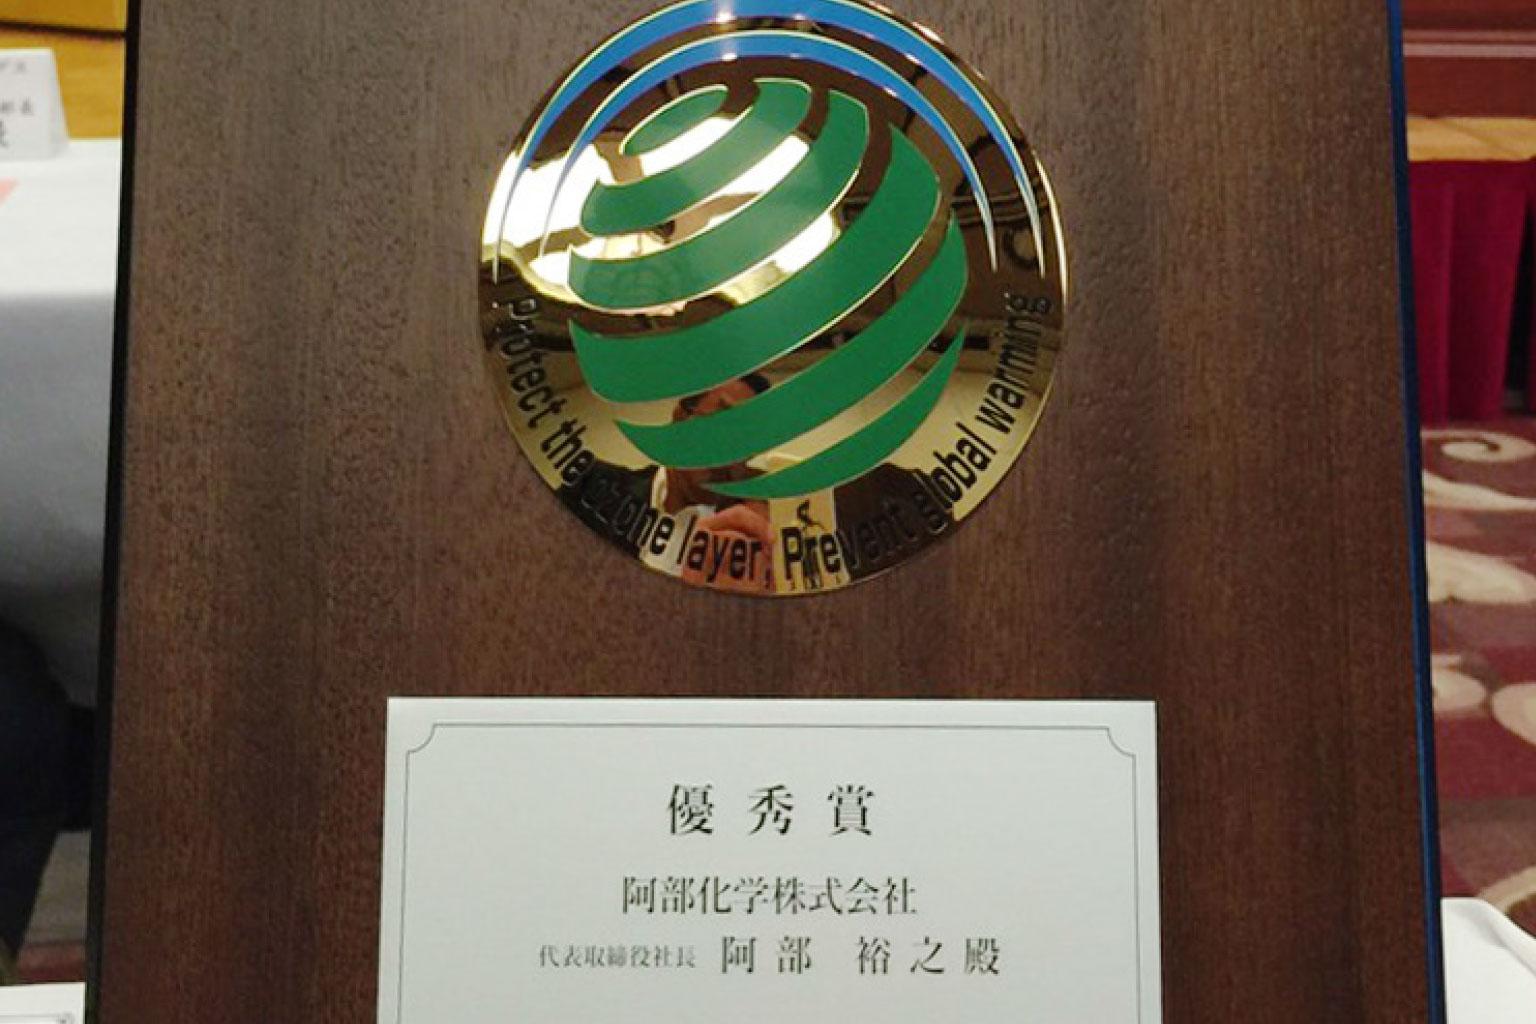 第19回オゾン層保護・地球温暖化防止大賞「優秀賞」受賞